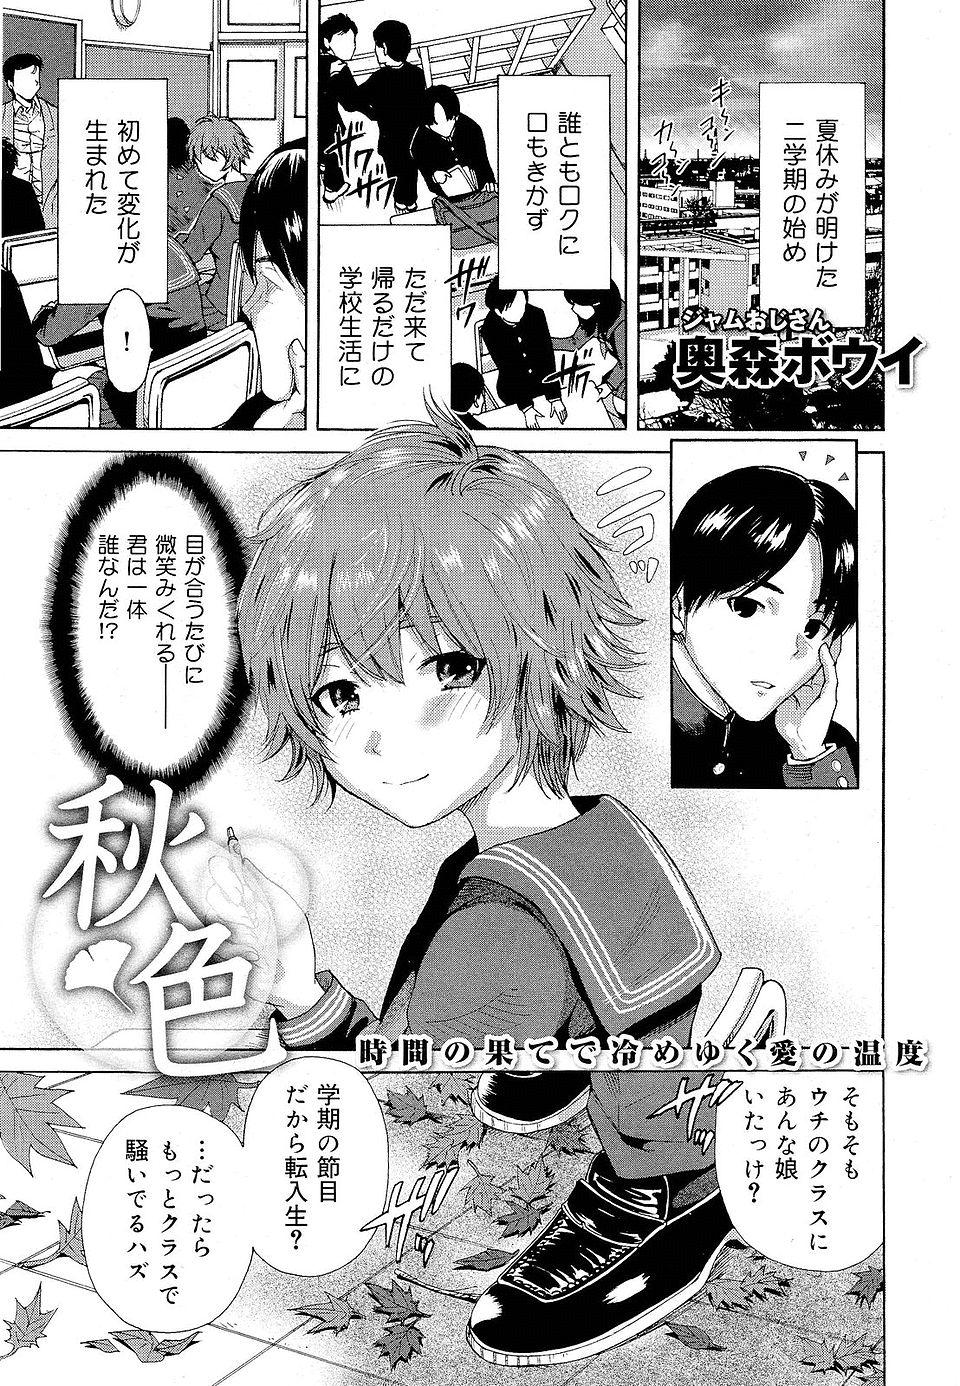 [奥森ボウイ] 秋色 (1)